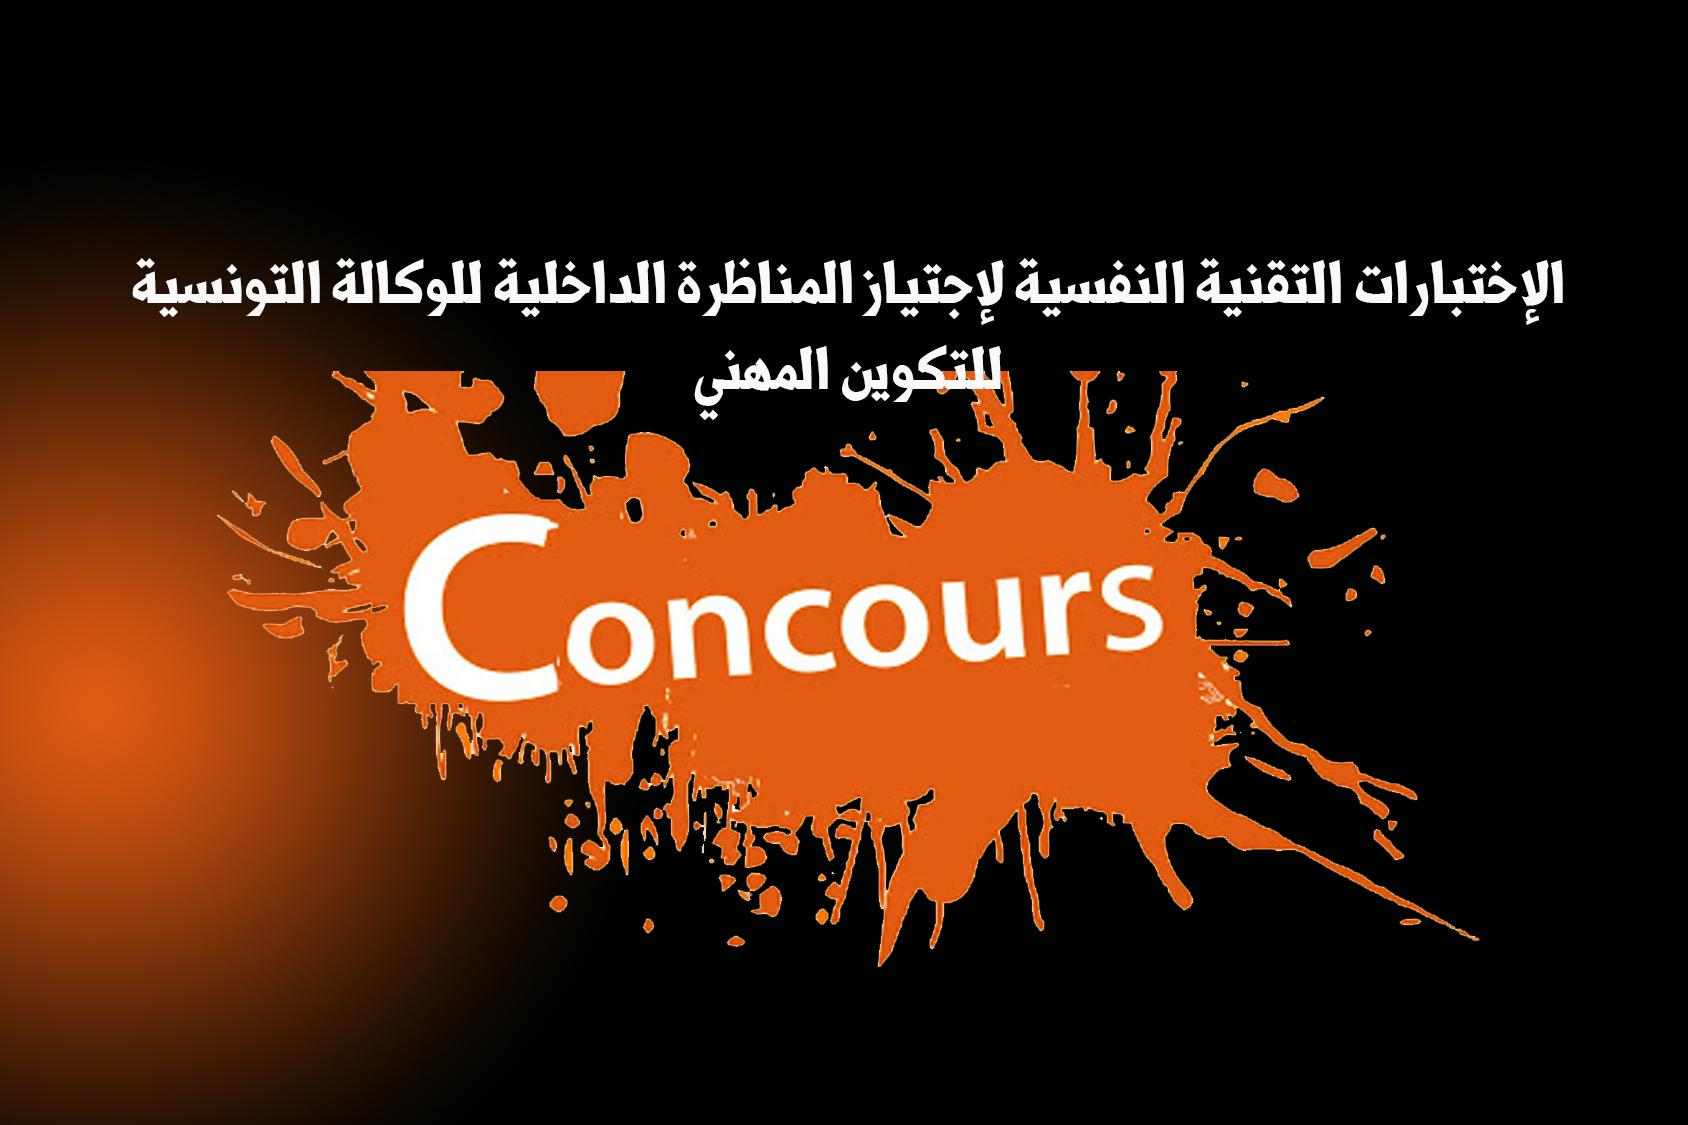 الإختبارات التقنية النفسية لإجتياز المناظرة الداخلية للوكالة التونسية للتكوين المهني